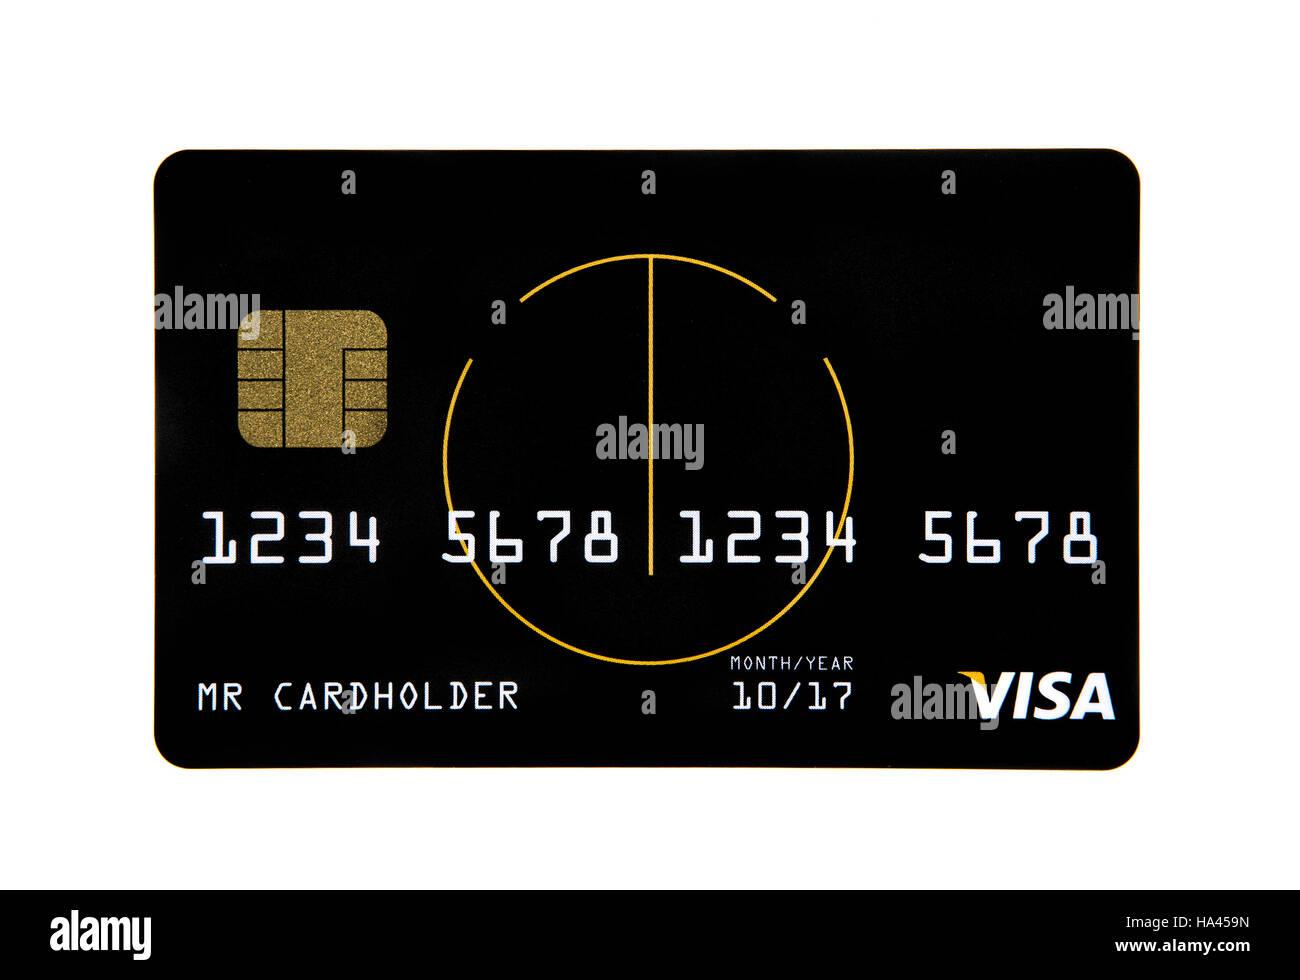 Visa-Kreditkarte mit einem smart Chip auf weißem Hintergrund Stockbild